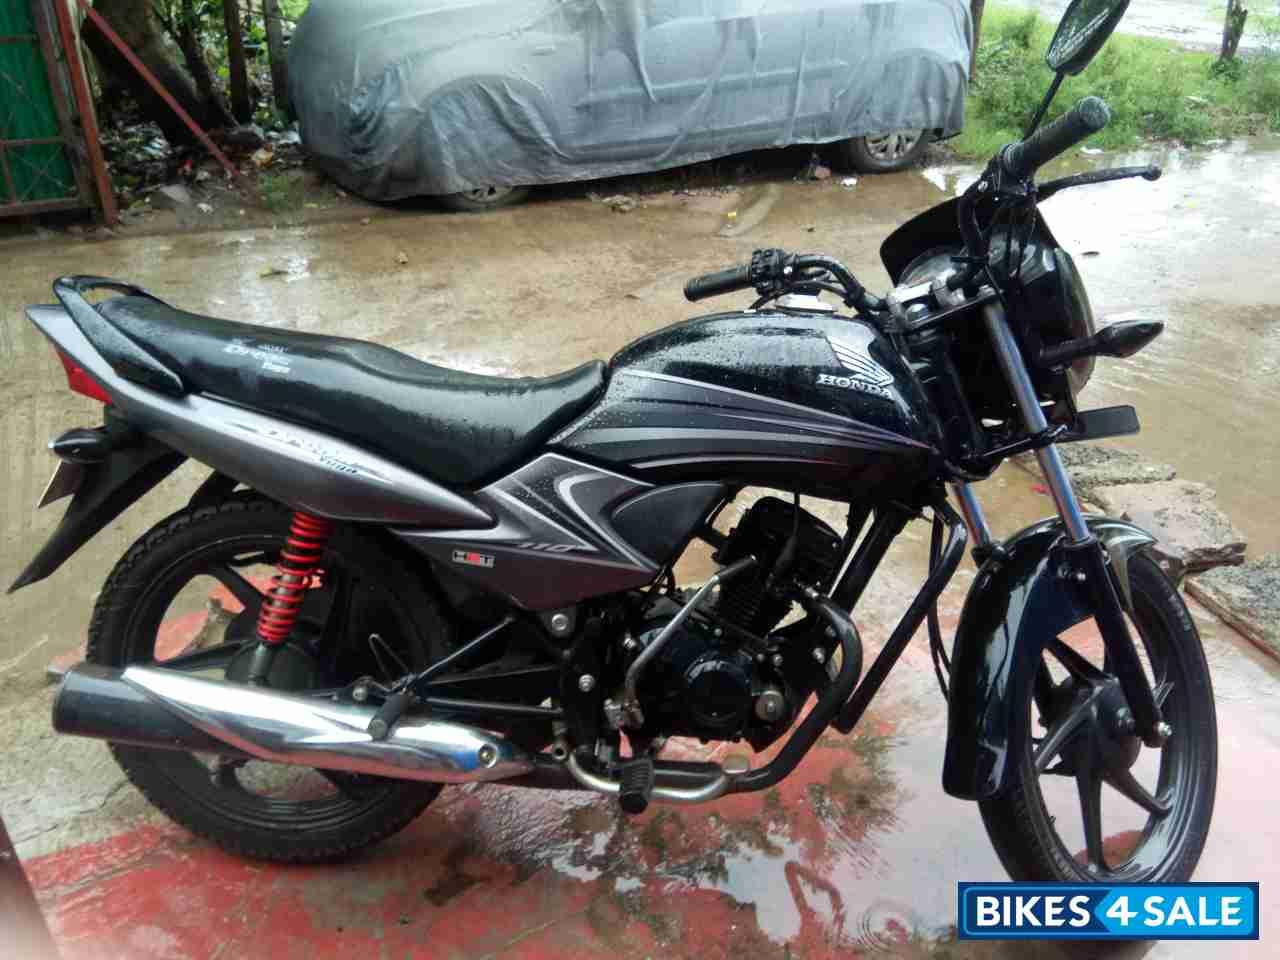 Used 2015 Model Honda Dream Yuga For Sale In Bhopal Id 176059 Bikes4sale